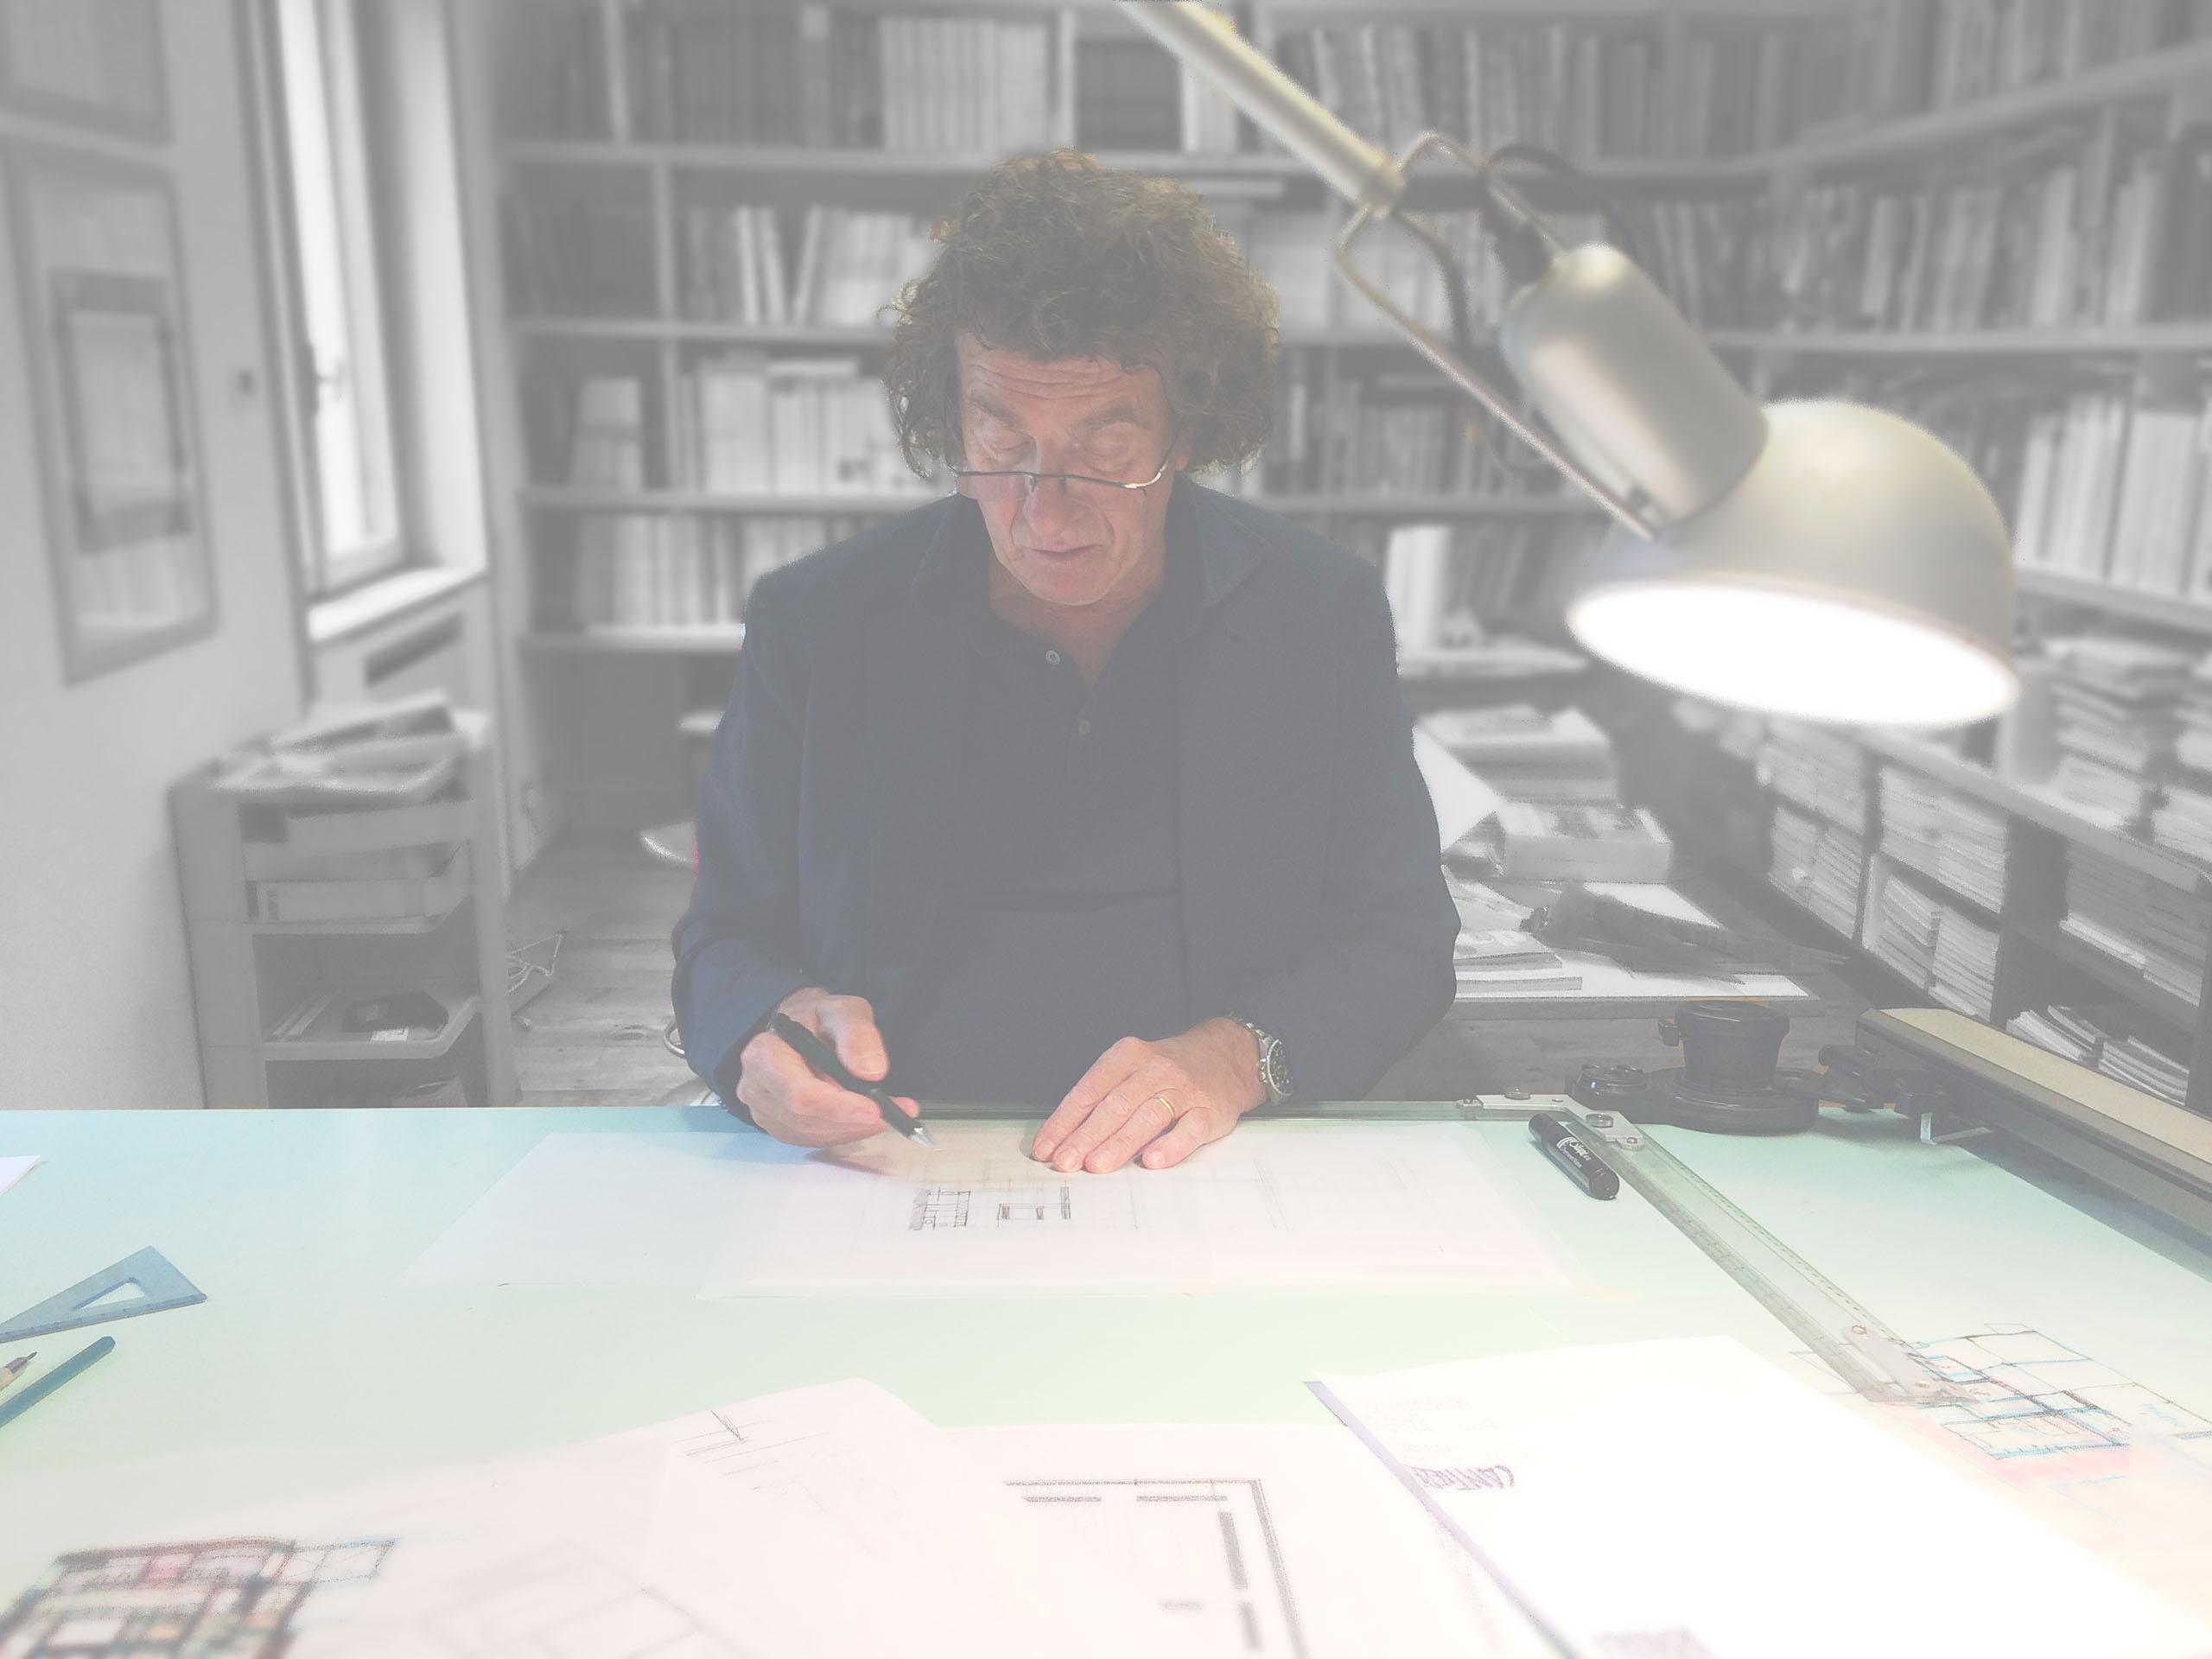 Architetti A Bergamo chi siamo